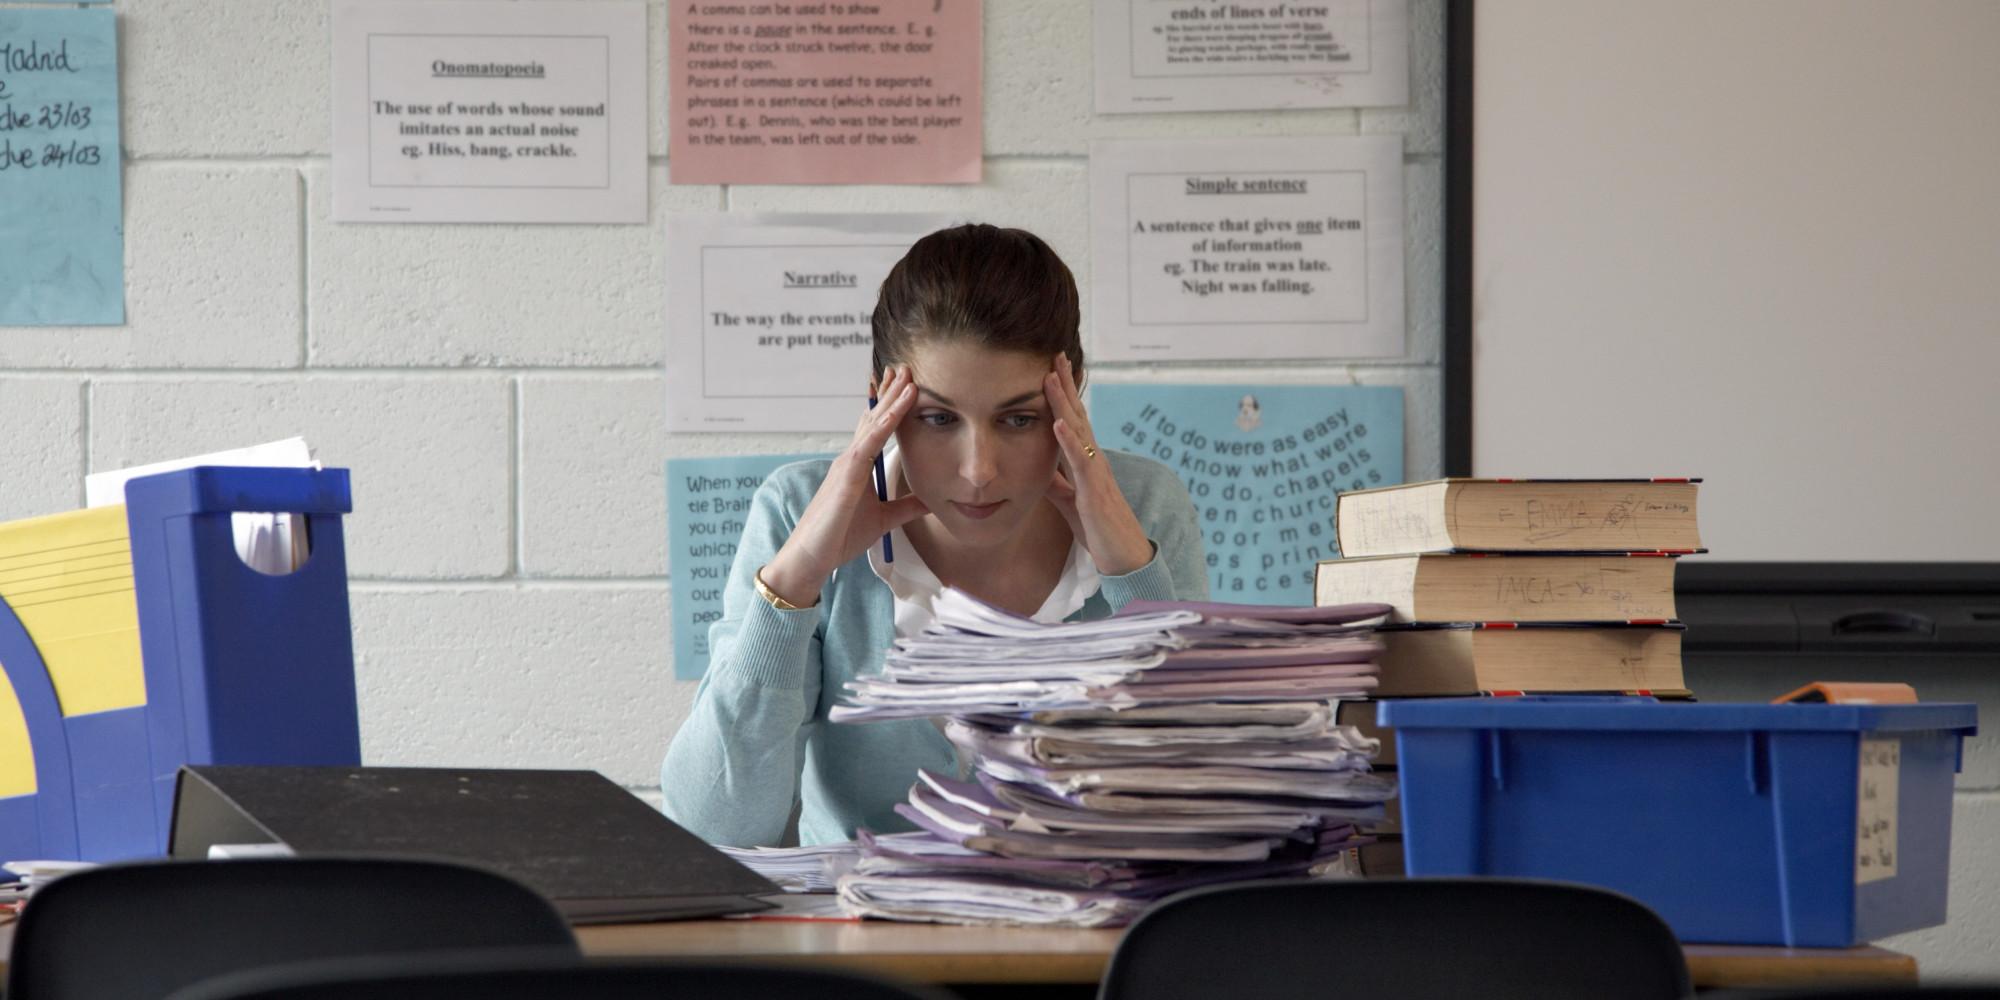 Can Mindfulness Make Us Better Teachers? | HuffPost